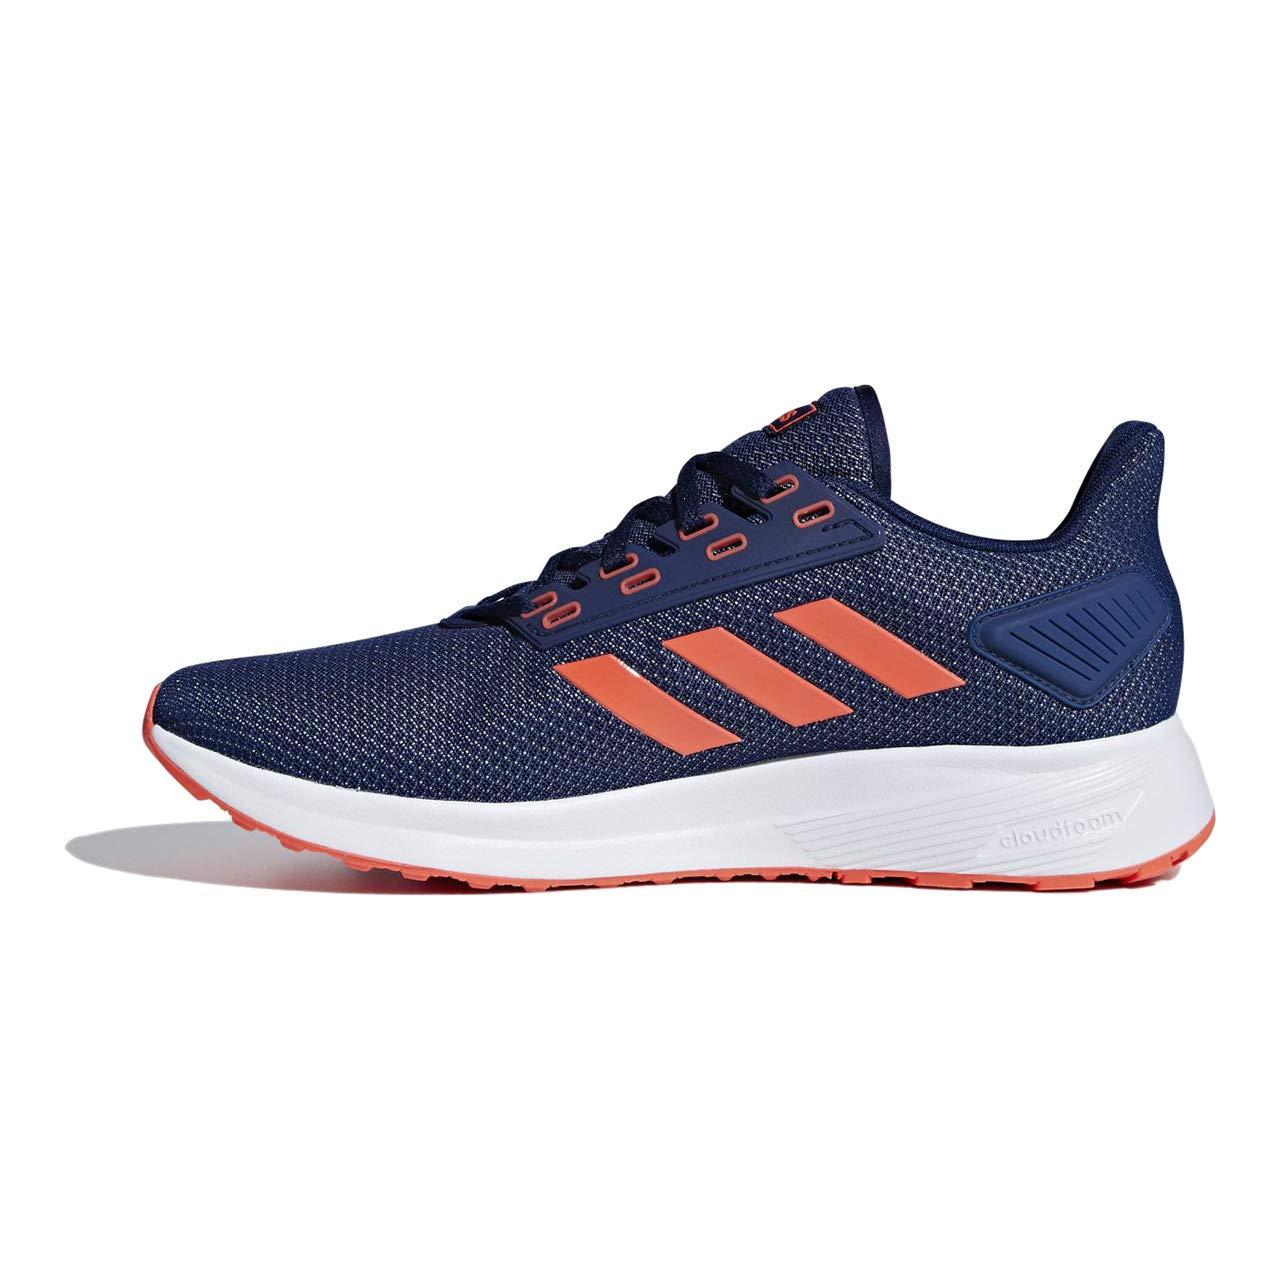 Adidas Duramo 9 Zapatillas Hombre para Running Cloudfoam 43 1/3 EU